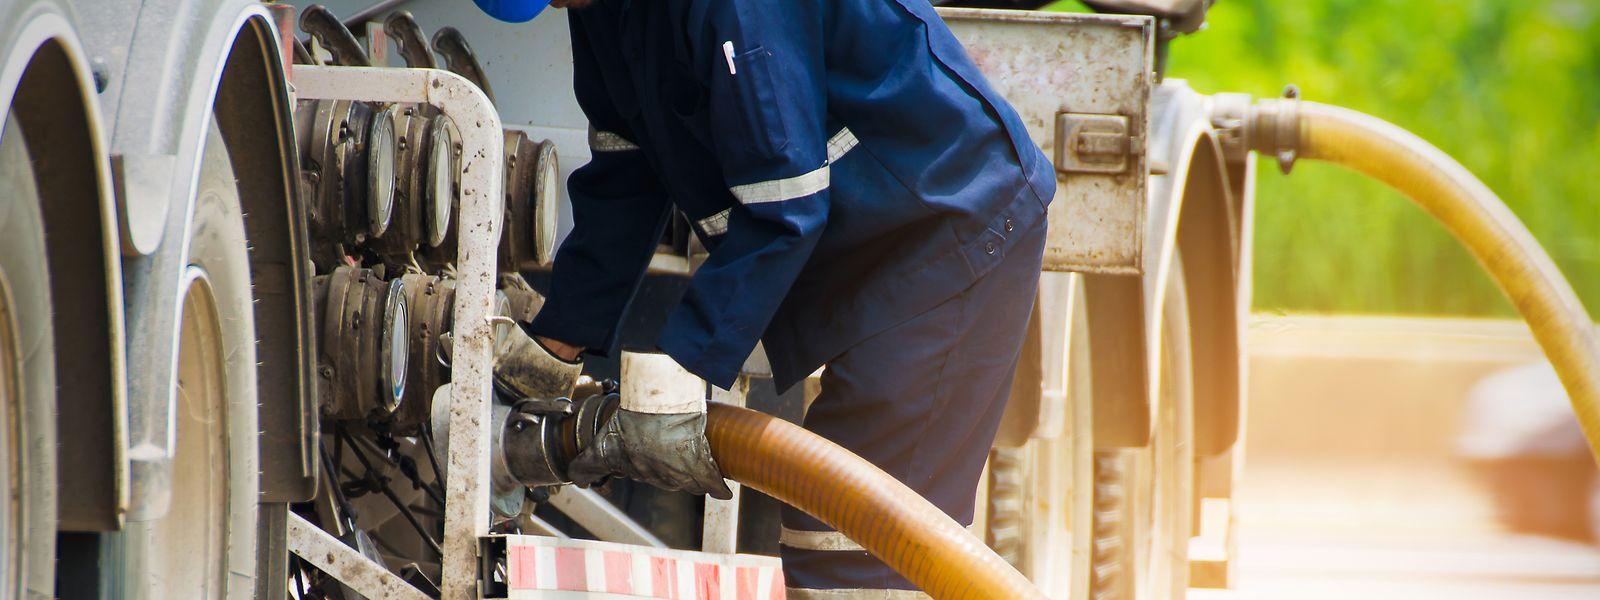 Pour réduire leurs dépenses de carburant, certains routiers font leur plein avec du mazout de chauffage.